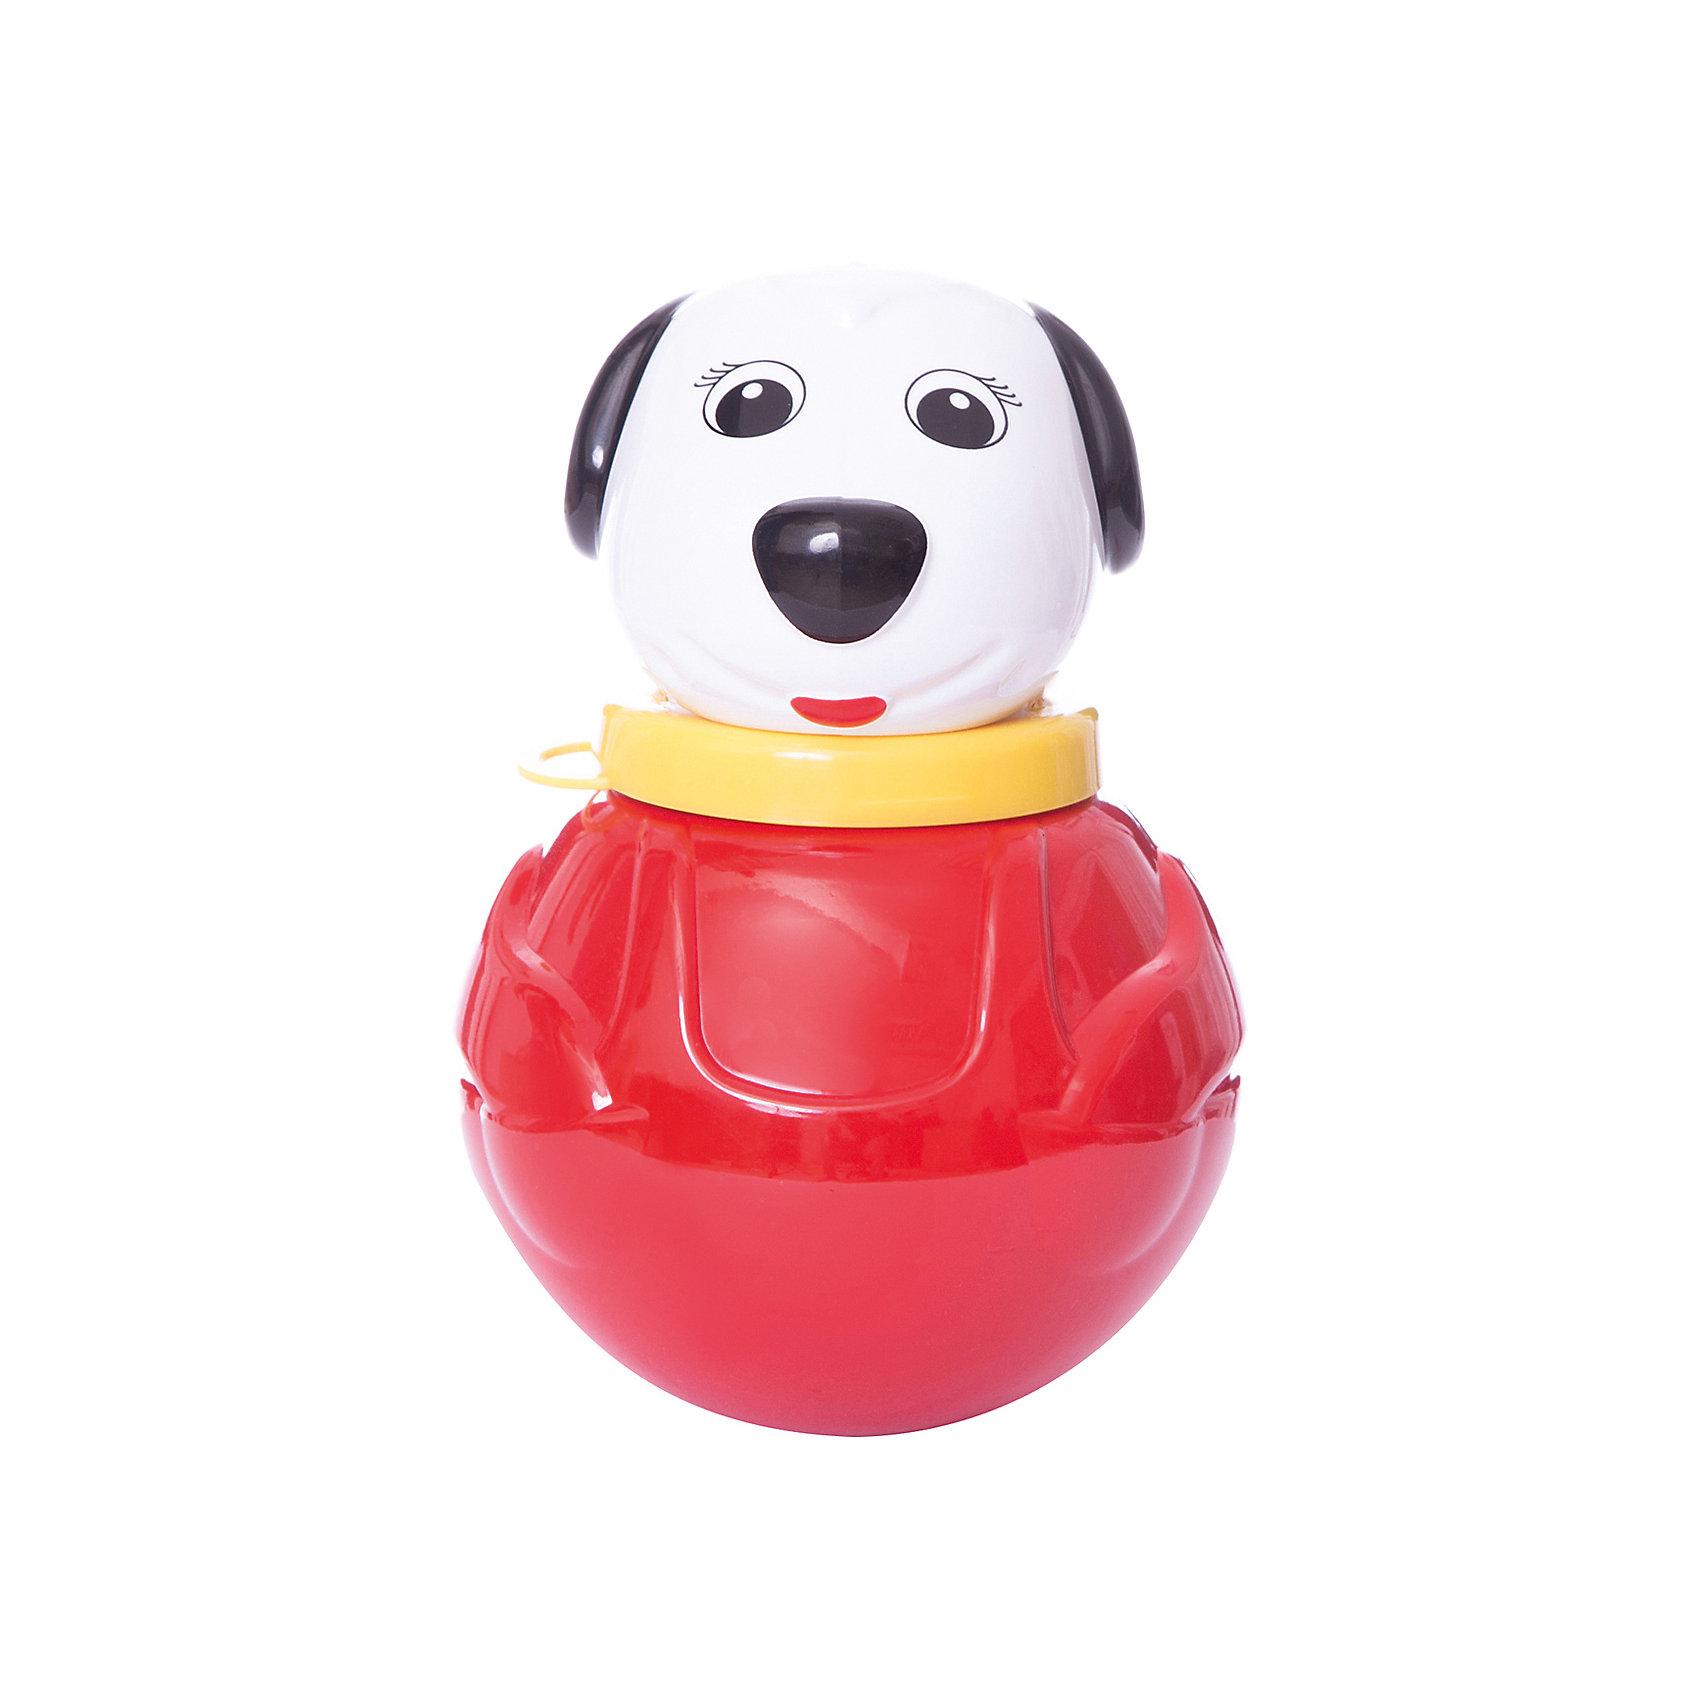 Стеллар Неваляшка  малая Собачка(коробка)Неваляшка  малая Собачка(коробка), Стеллар (Stellar) –  это традиционная неваляшка, выполненная в  виде Собачки. При движении неваляшка «Собачка» издает мелодичное позвякивание. <br>Яркая прочная неваляшка, упакована в картонную подарочную упаковку.<br><br>Игрушка развивает координацию движений, цветовое восприятие, слух.<br><br>Неваляшка «Собачка» Стеллар обязательно порадует Вашего малыша!<br><br>Дополнительная информация:<br><br>- Материал: пластмасса<br>- Высота неваляшки: 18 см.<br>- Размер упаковки: 115 х 115 х 185 мм<br>- Вес: 200 г.<br><br>Игрушку Неваляшку  малая Собачка(коробка), Стеллар (Stellar) можно купить в нашем интернет-магазине.<br><br>Ширина мм: 115<br>Глубина мм: 115<br>Высота мм: 185<br>Вес г: 200<br>Возраст от месяцев: 6<br>Возраст до месяцев: 36<br>Пол: Унисекс<br>Возраст: Детский<br>SKU: 2407093